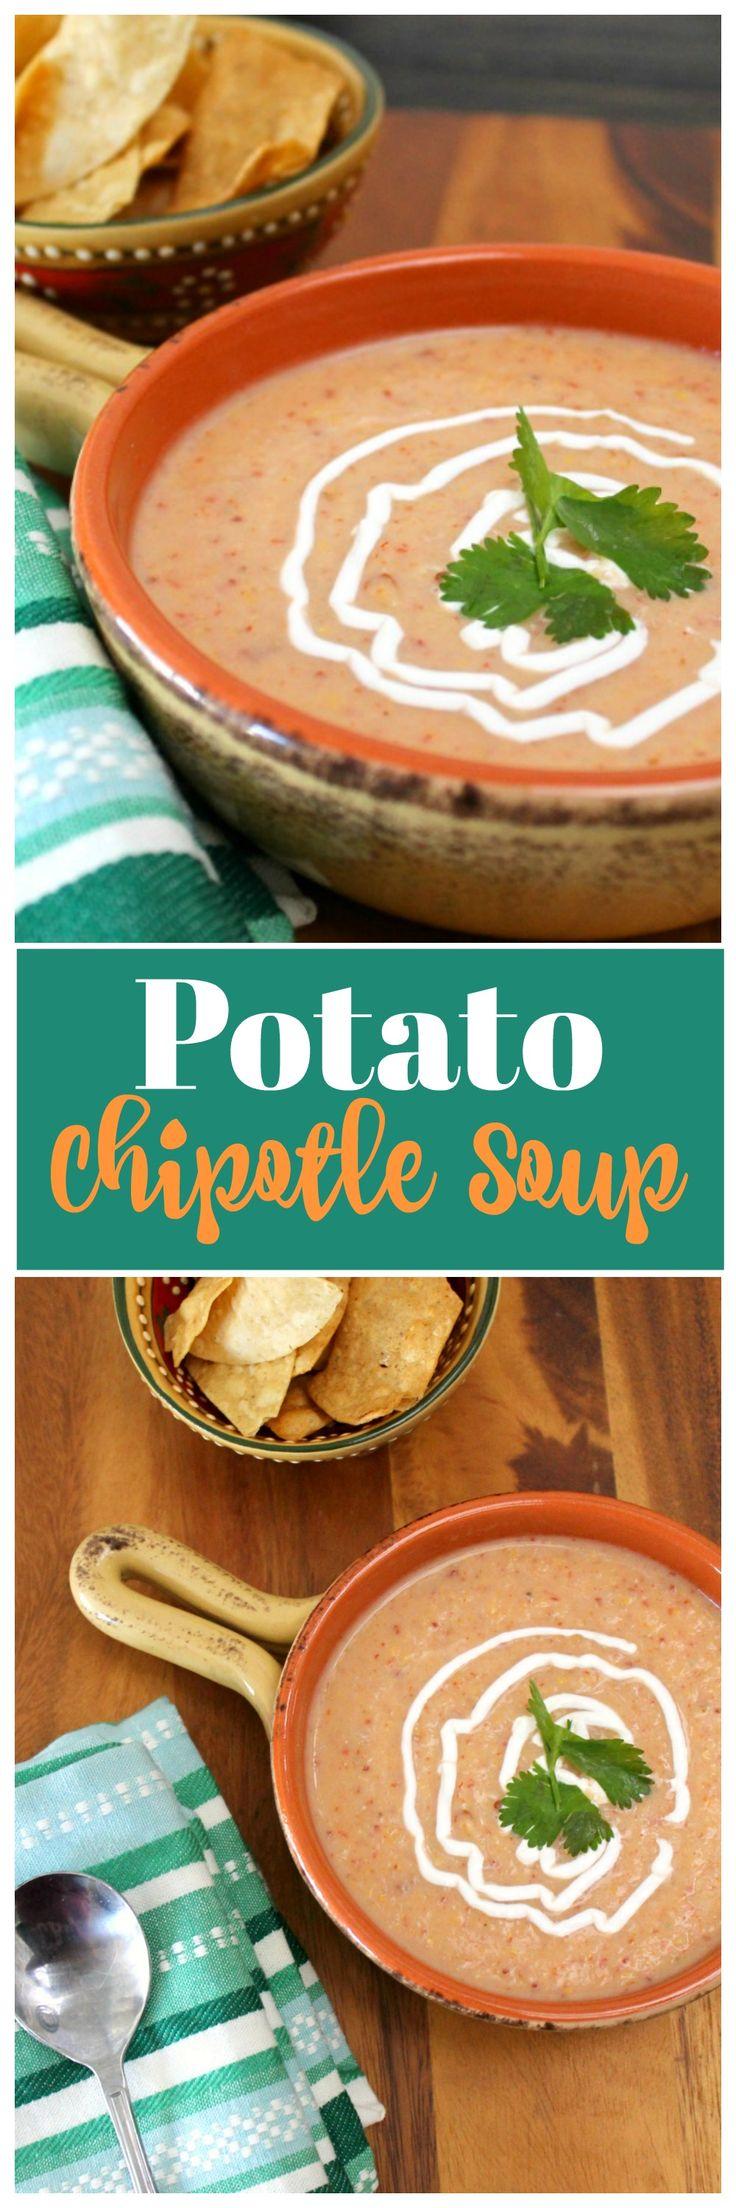 Potato Chipotle Soup Recipe #potatoes  #chipotle #soup via @OCRaquel